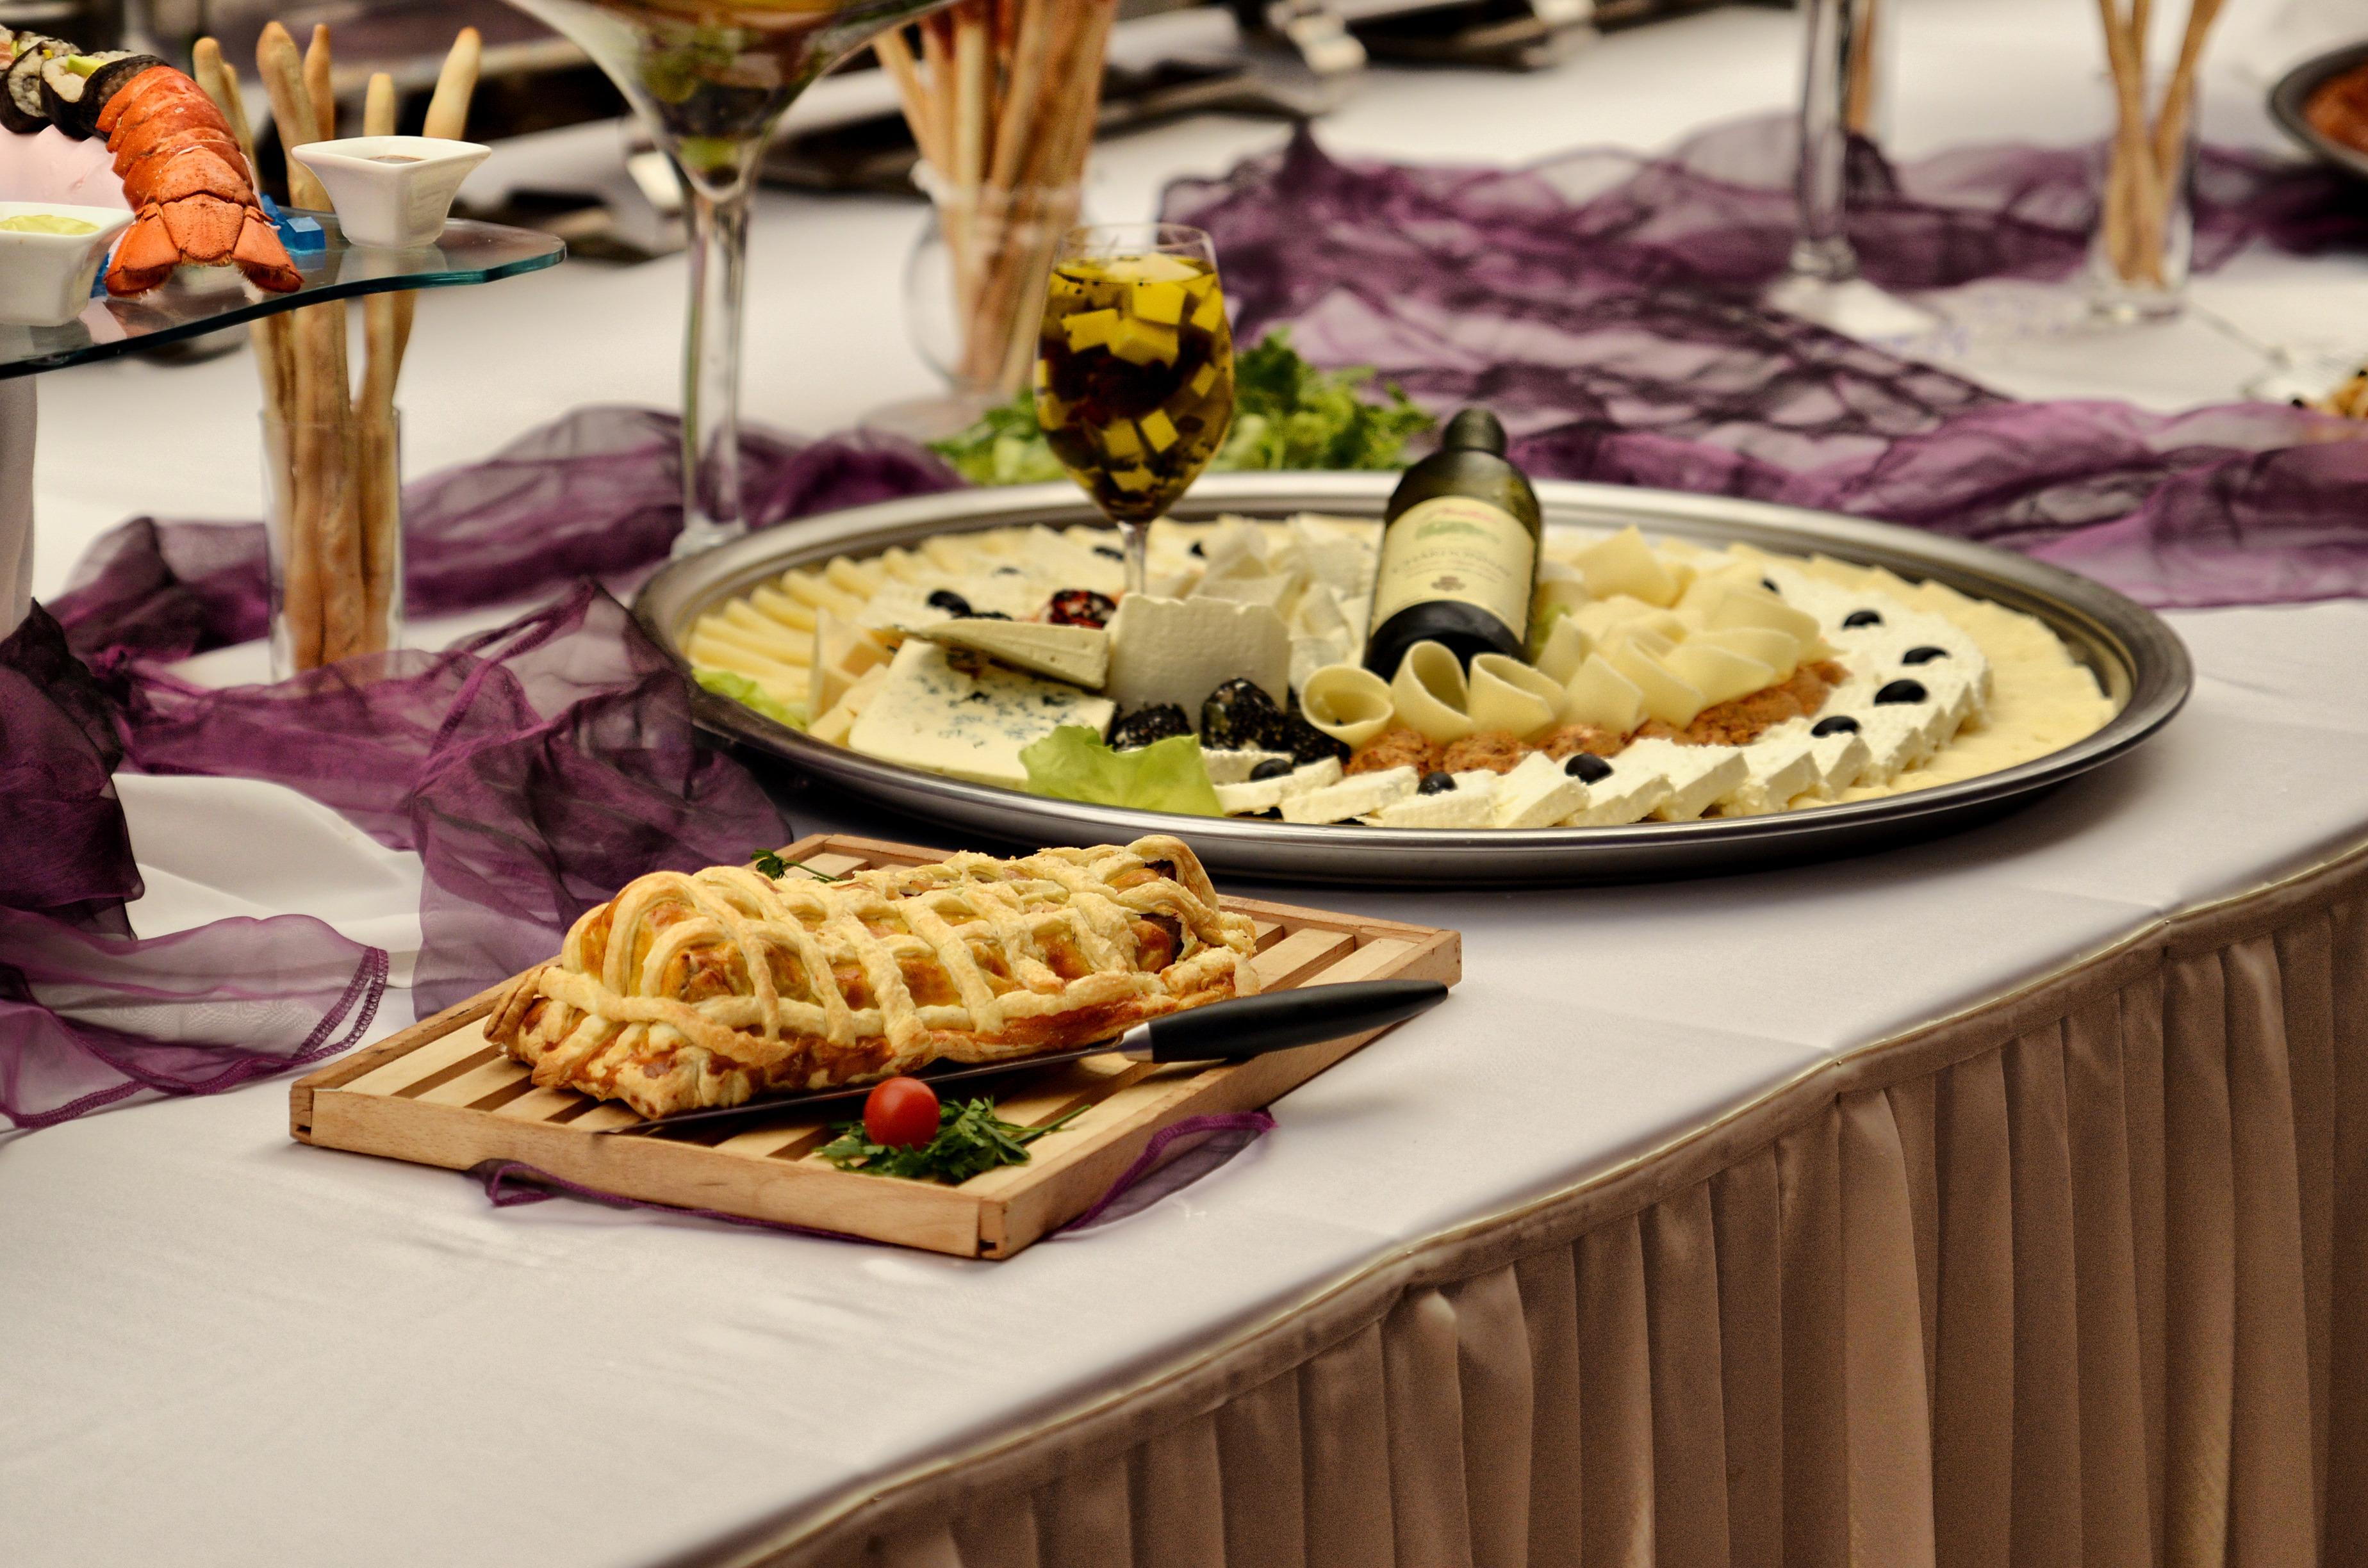 Hrana-dekoracije-2016-095